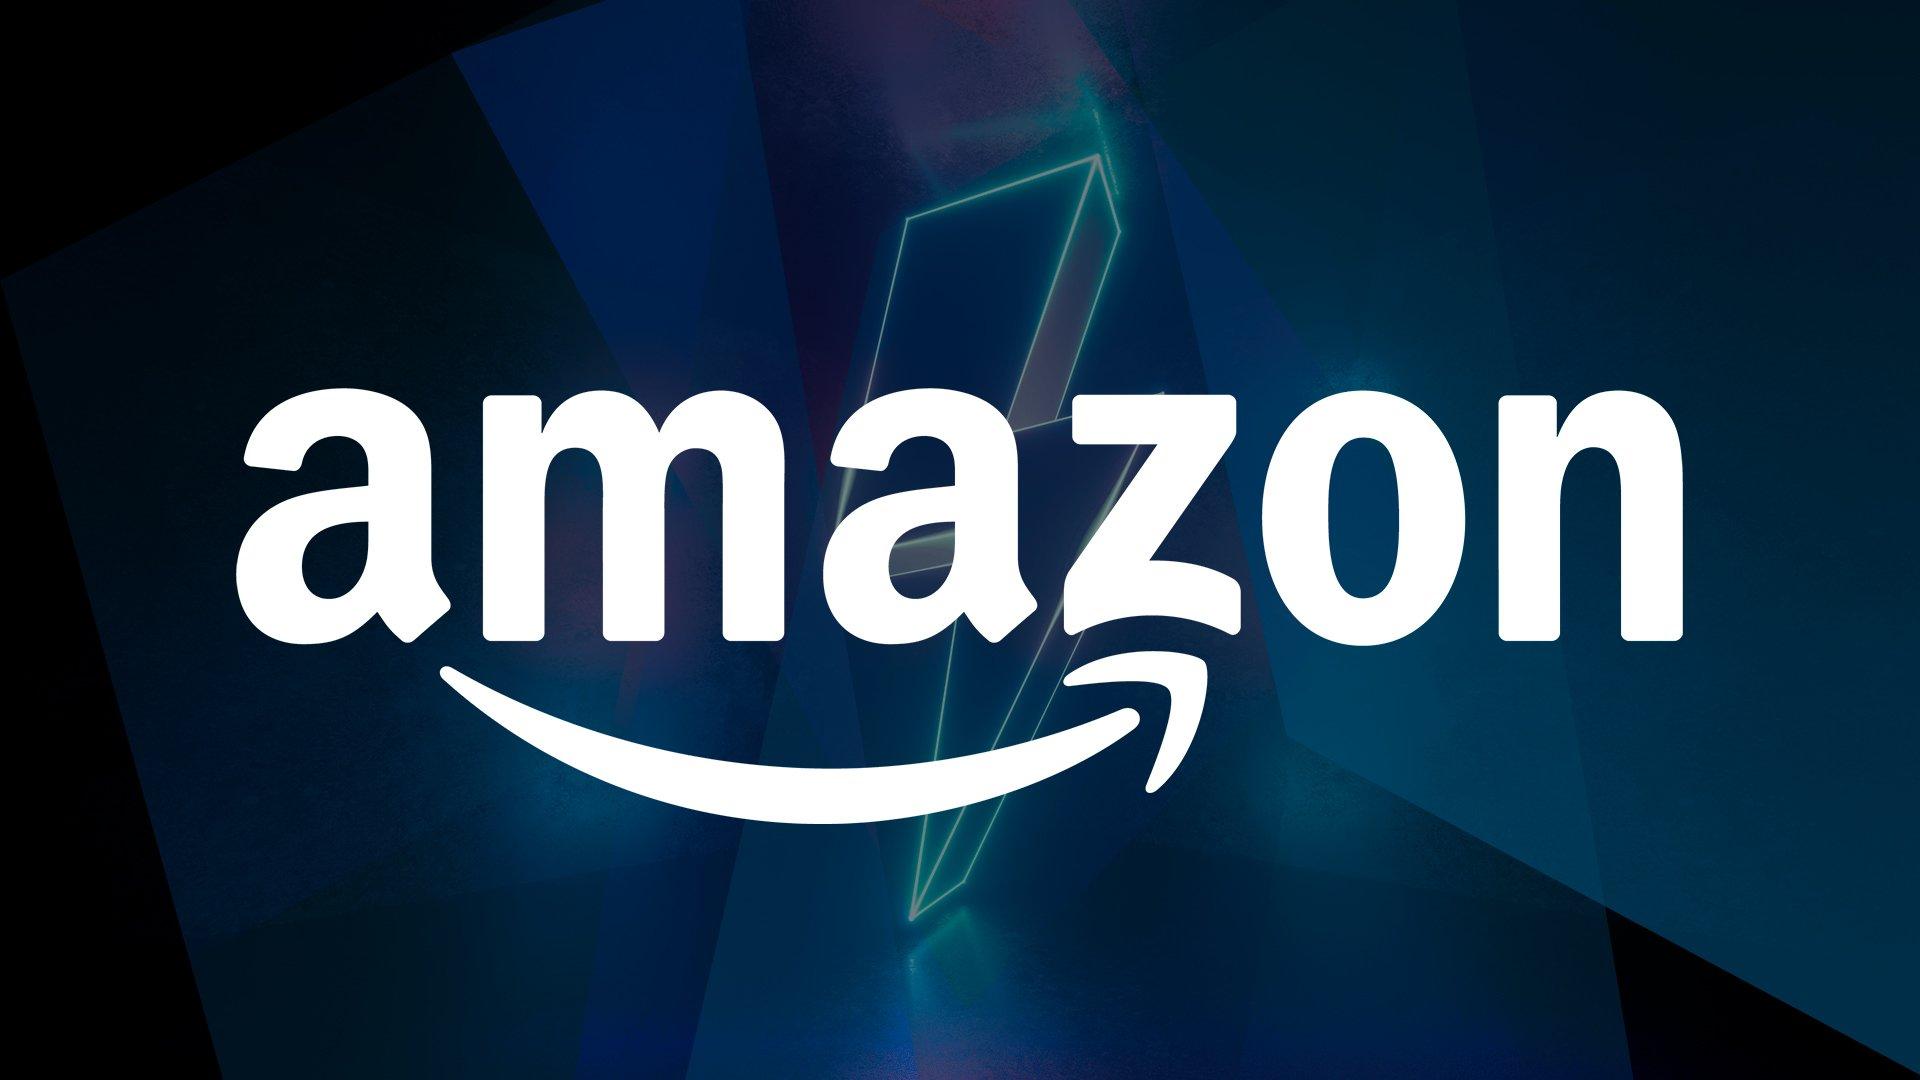 Amazon, Schnäppchen, Sonderangebote, sale, Rabattaktion, Deals, Angebot, Angebote, Flash, shopping, Rabatt, Blitzangebote, Deal, Nachlass, Amazon Logo, Blitz, Amazon.de